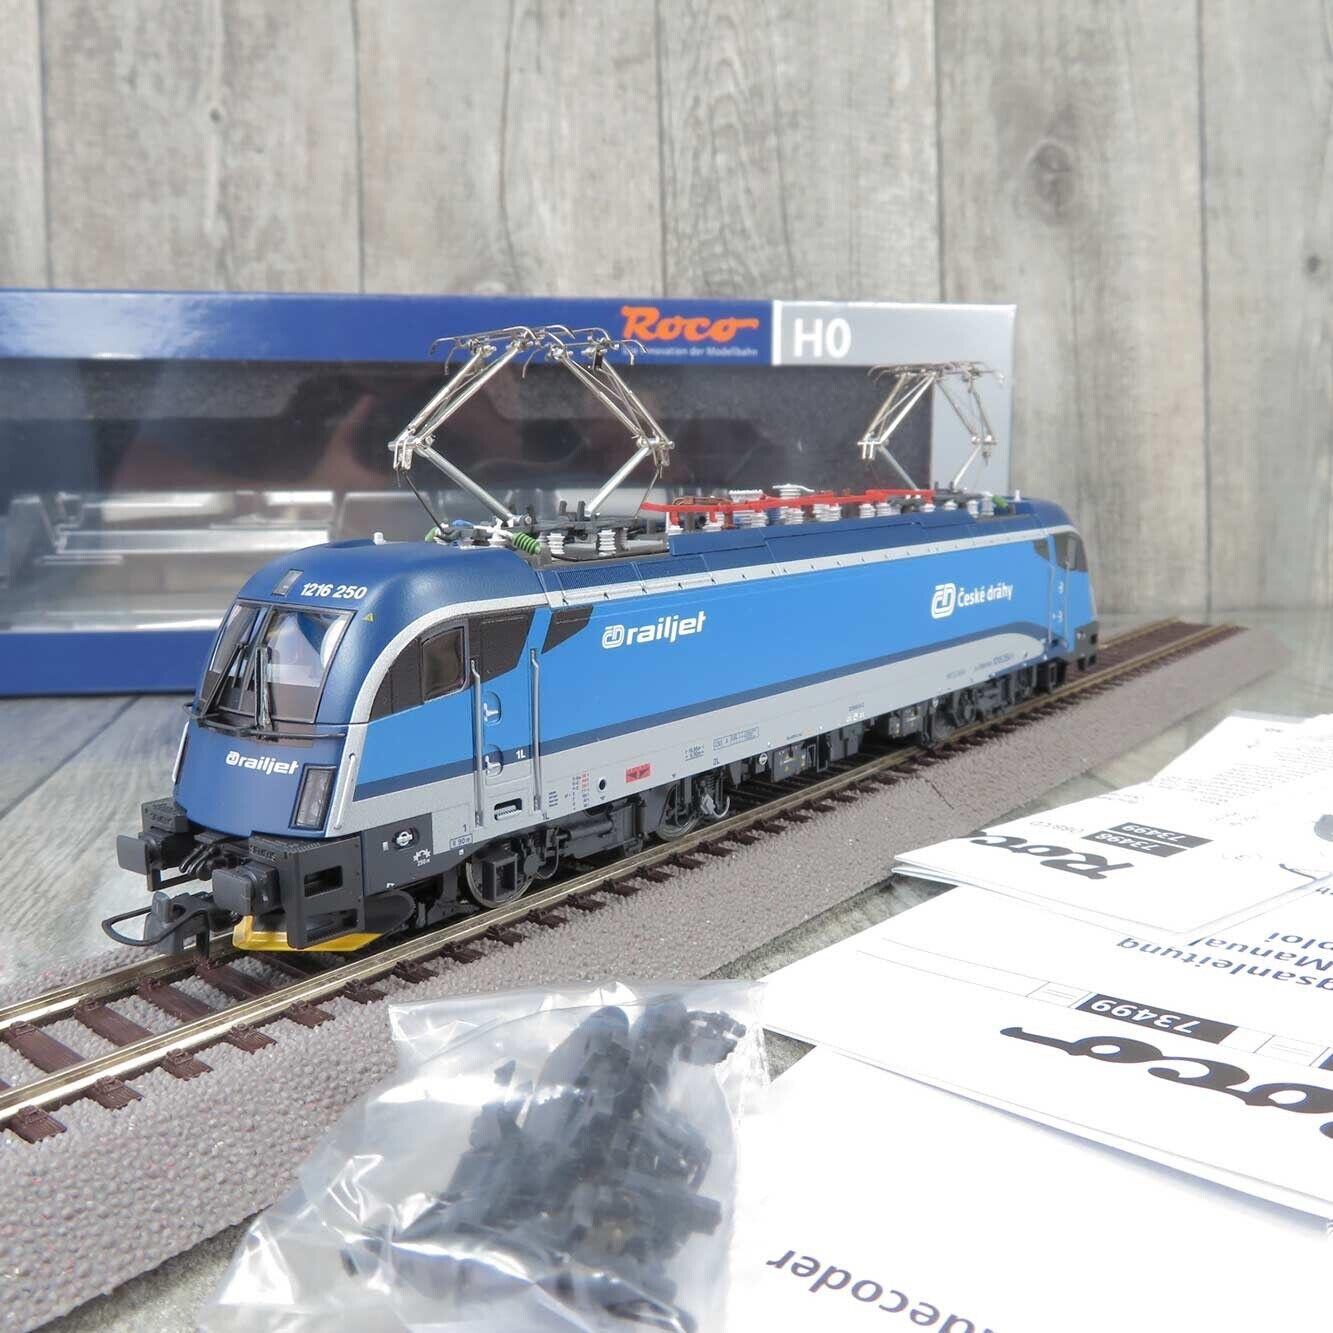 ROCO 73499 - H0 - E-Lok - ÖBB railjet 1216 250-1 - Digital+Sound - OVP -  Z23872